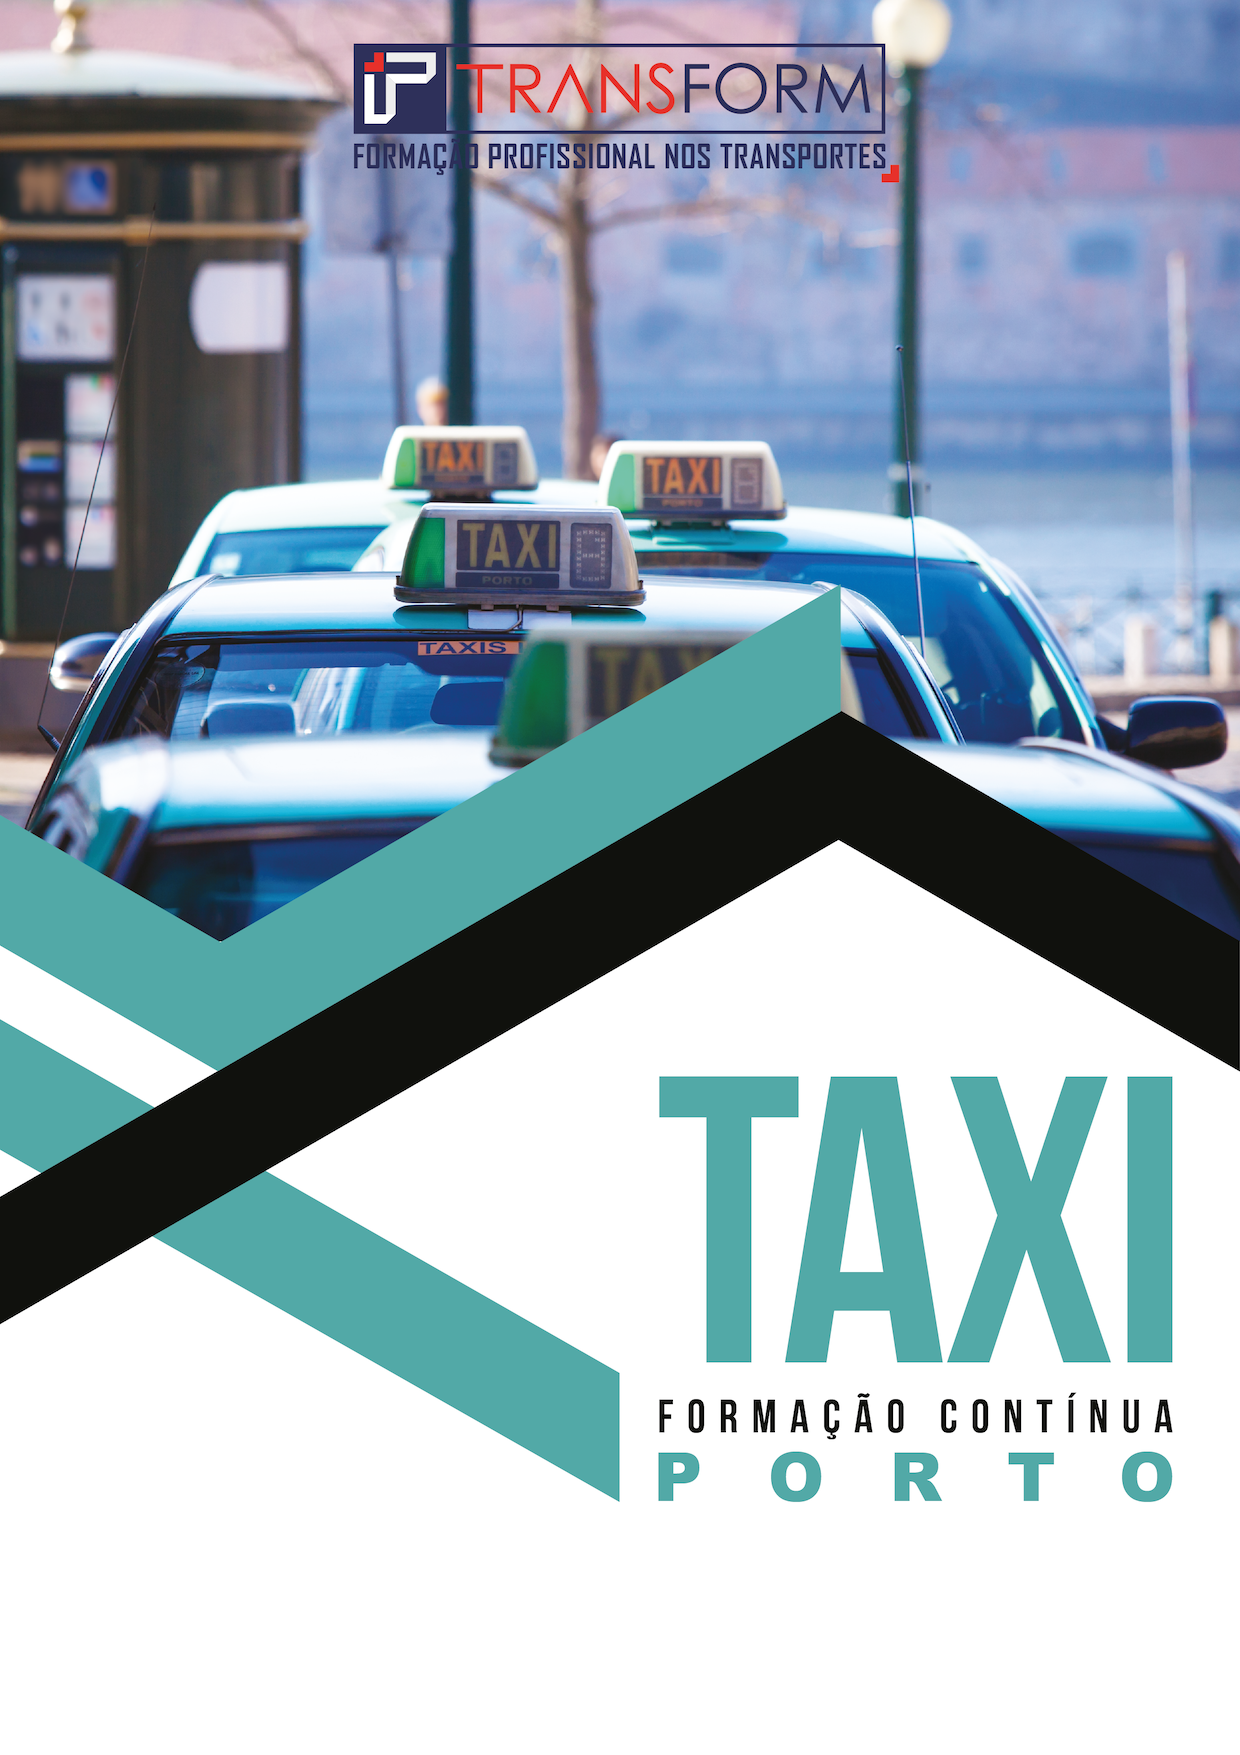 CMT - Certificação de Motorista de Táxi - Formação Contínua